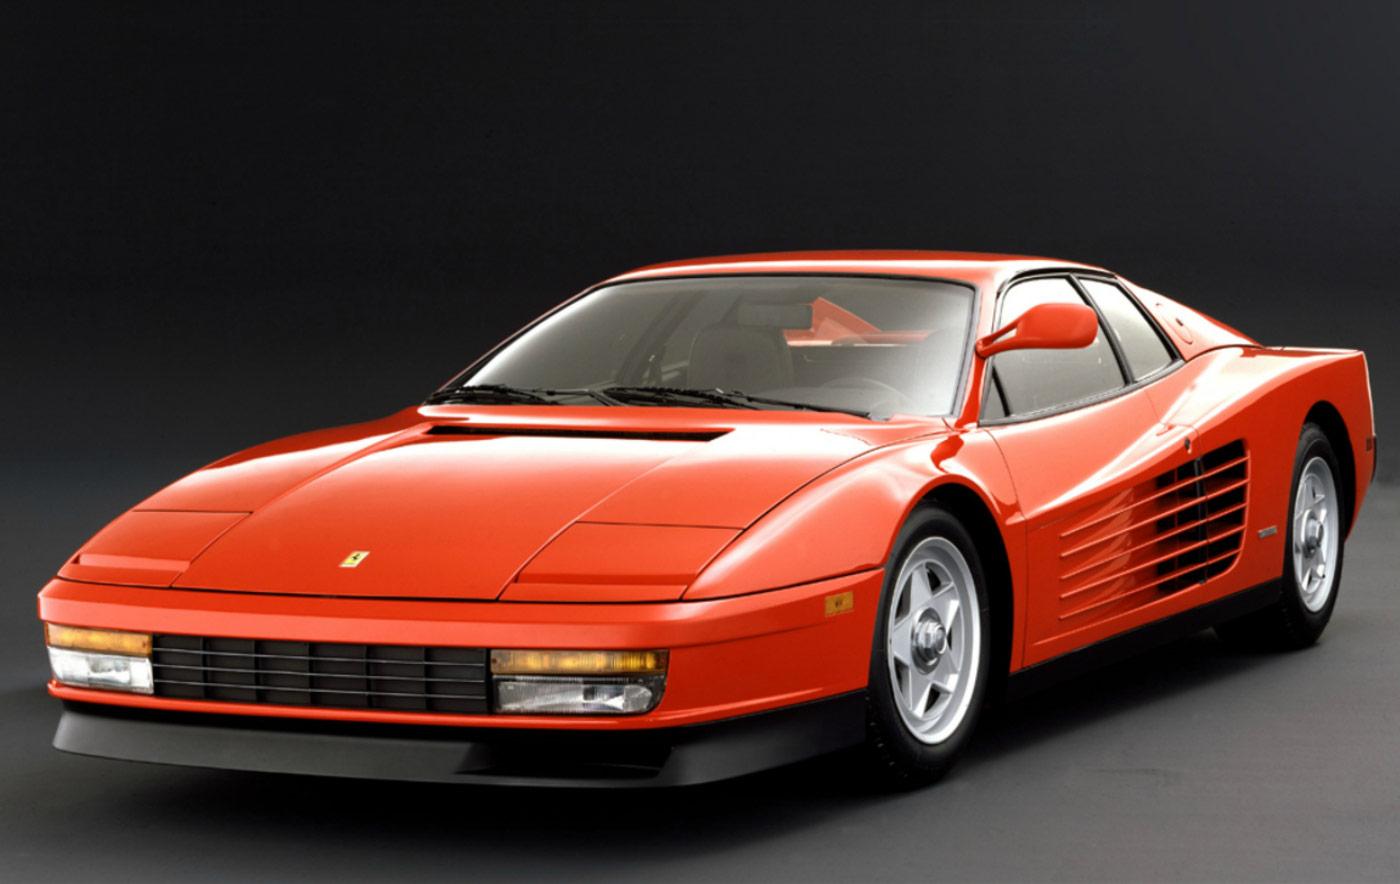 Ferrari Testarossa 1984 Car Body Design